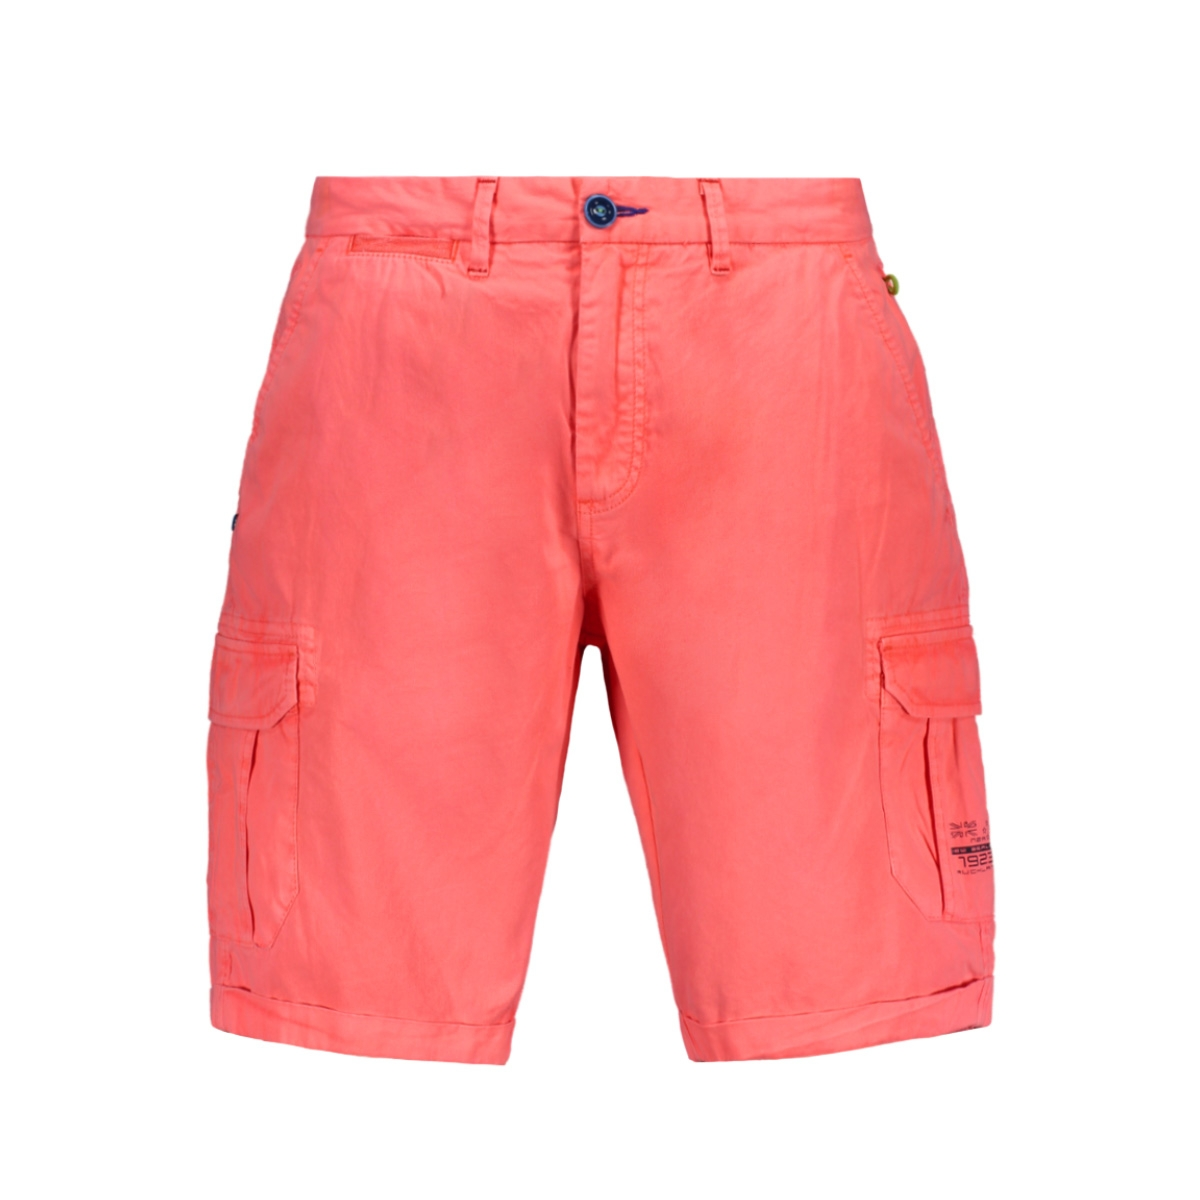 larry bay cargo 19cn630 nza korte broek 638 neon orange